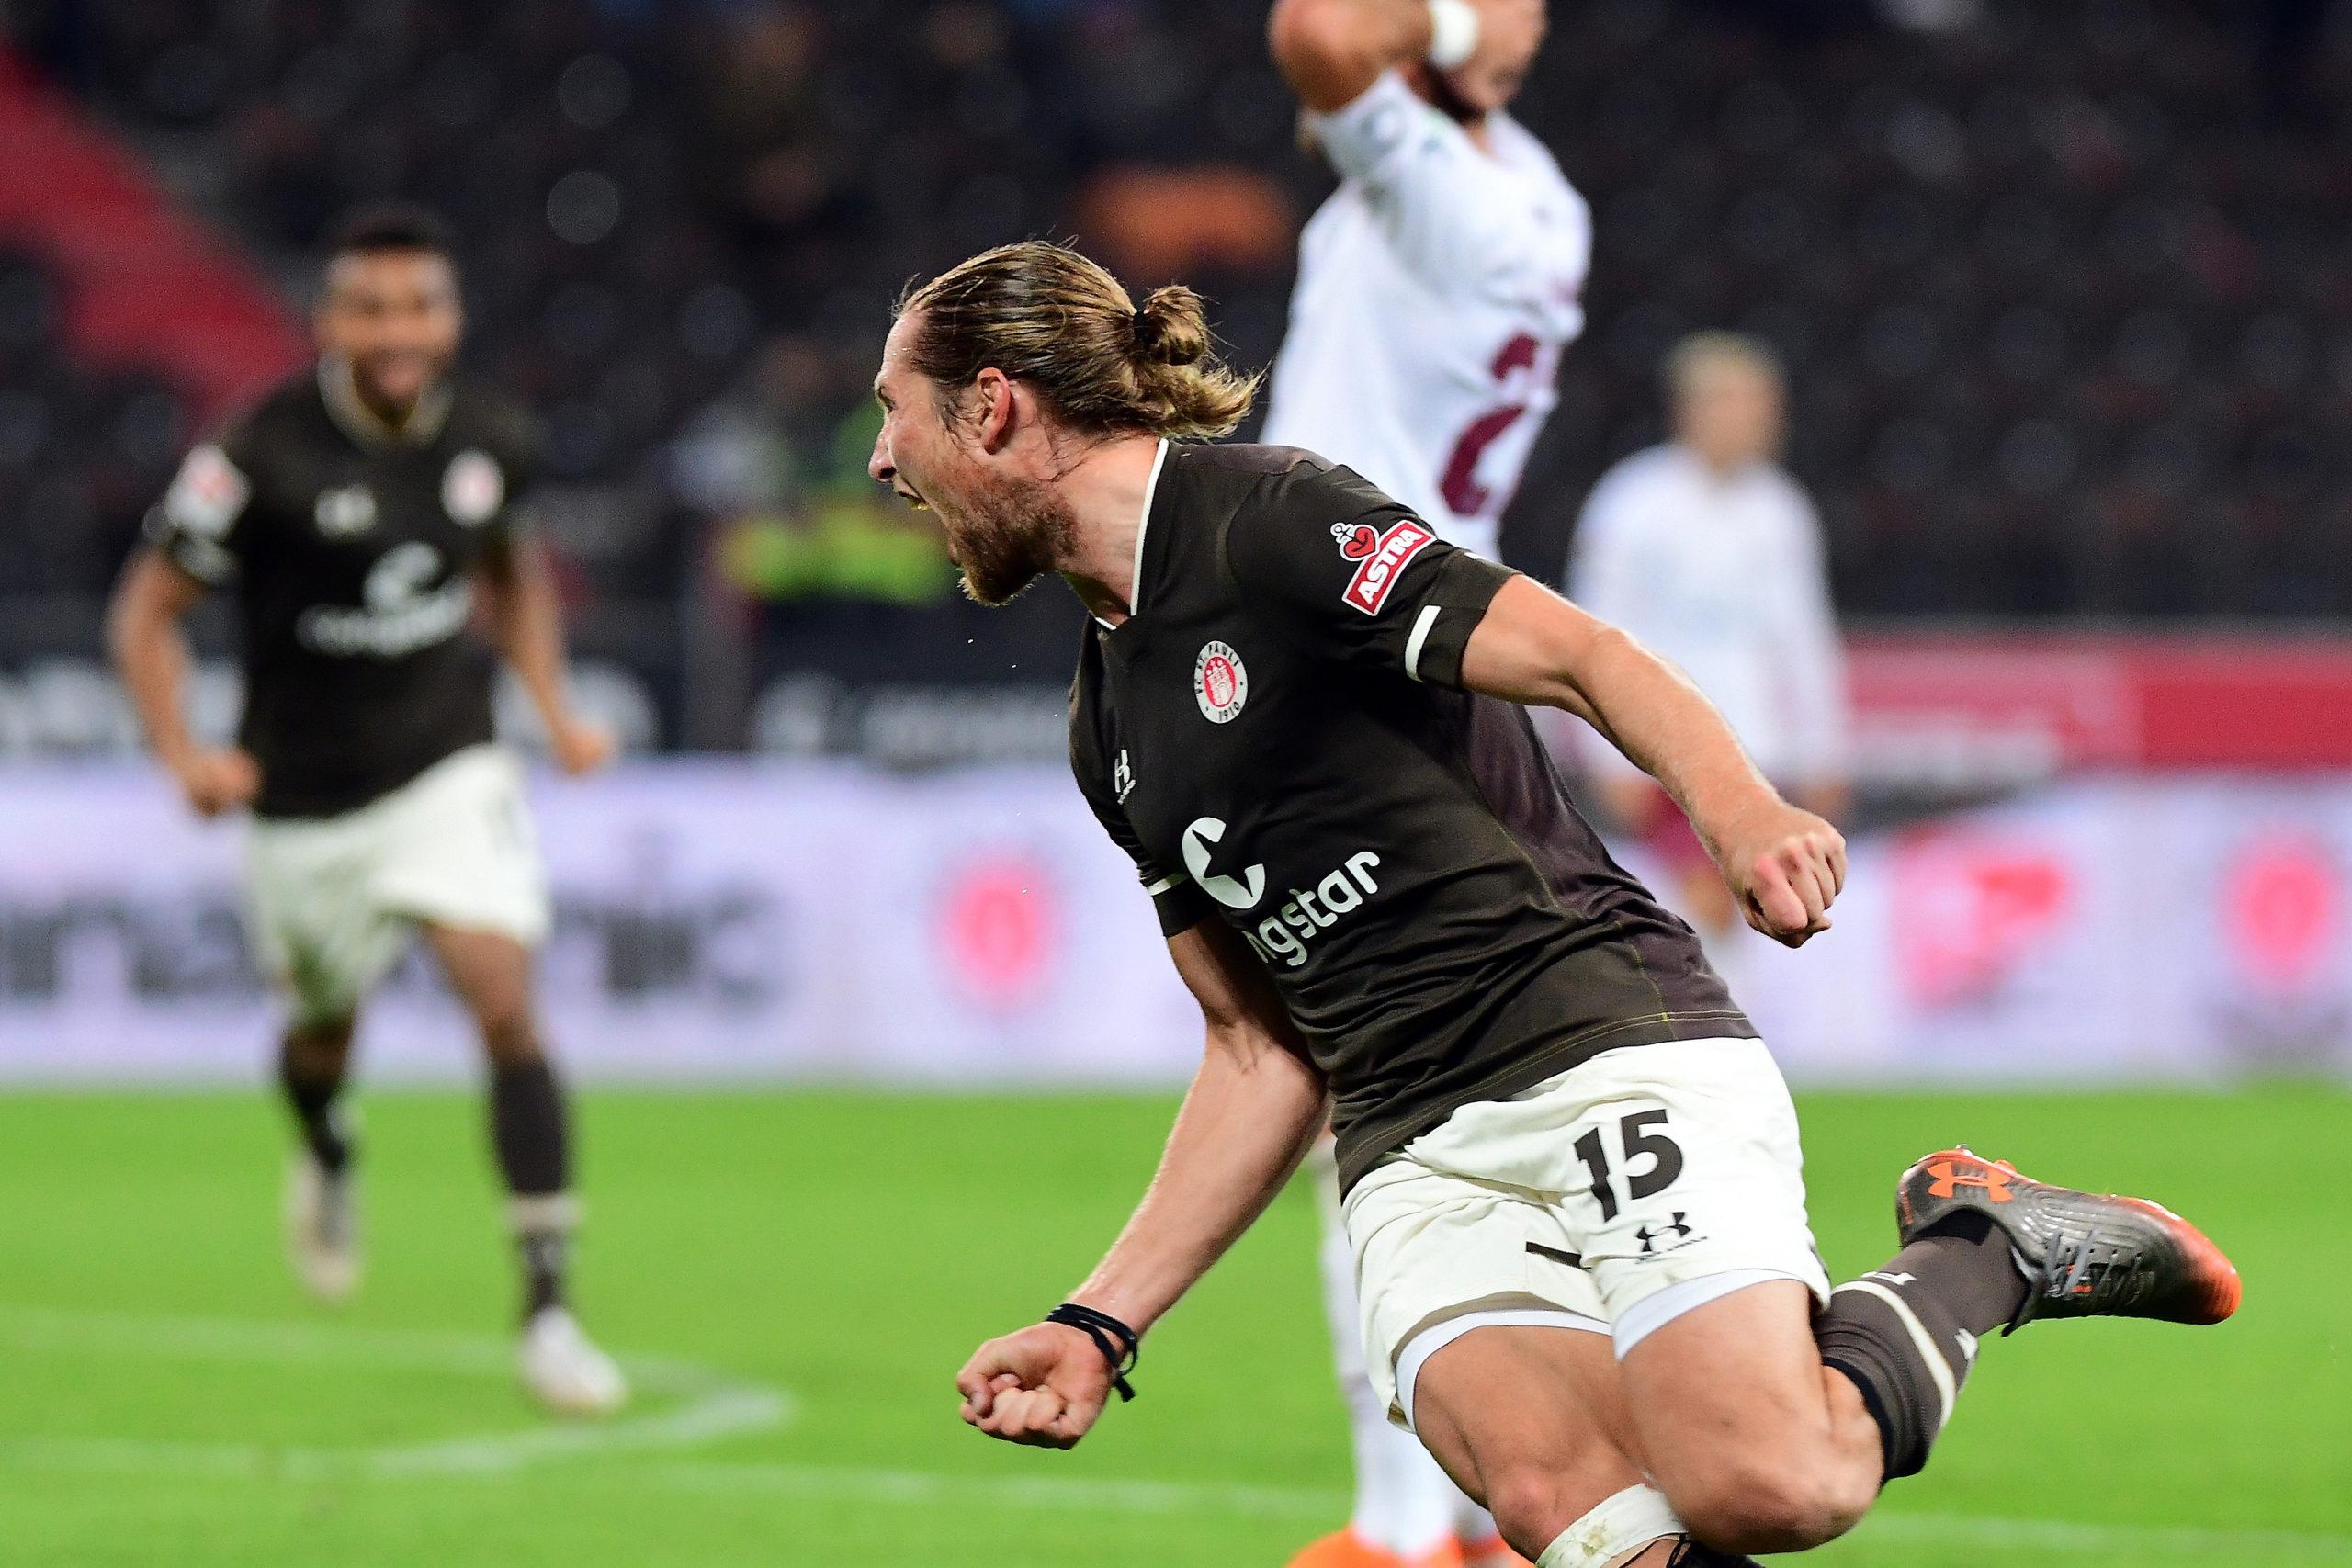 Nach dem Spiel – 1. FC Nürnberg (H) – Spieltag 4 – Saison 2020/21